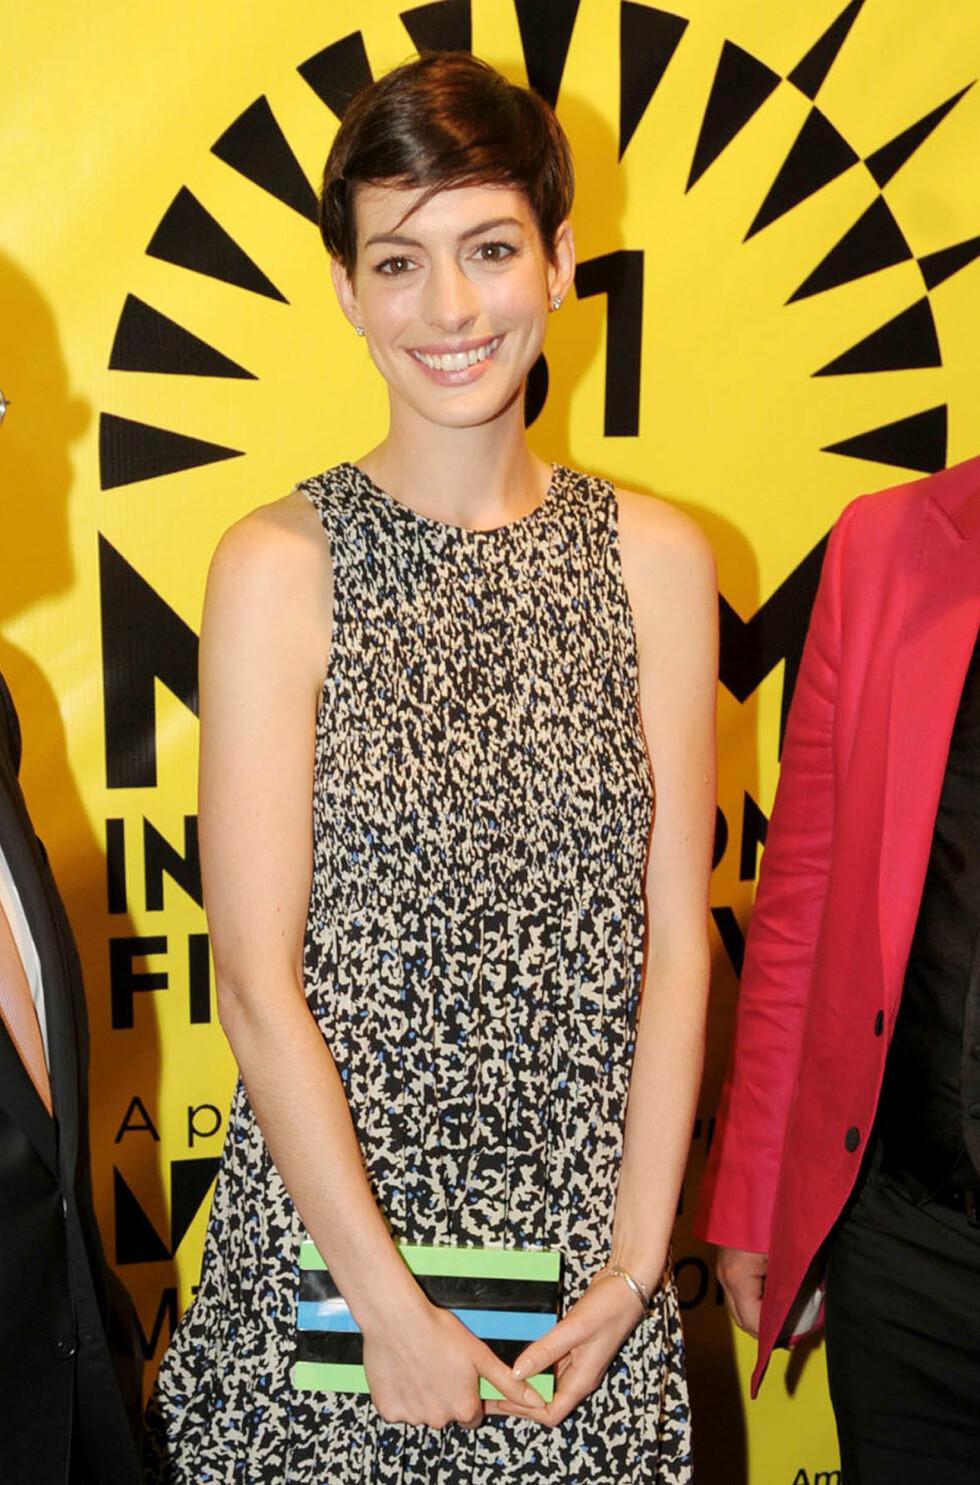 KOM ALENE: Fredag deltok Anne Hathaway på den internasjonale filmfestivalen i Miami - uten ektemannen ved sin side. Foto: Seth Browarnik/startraksphoto.co